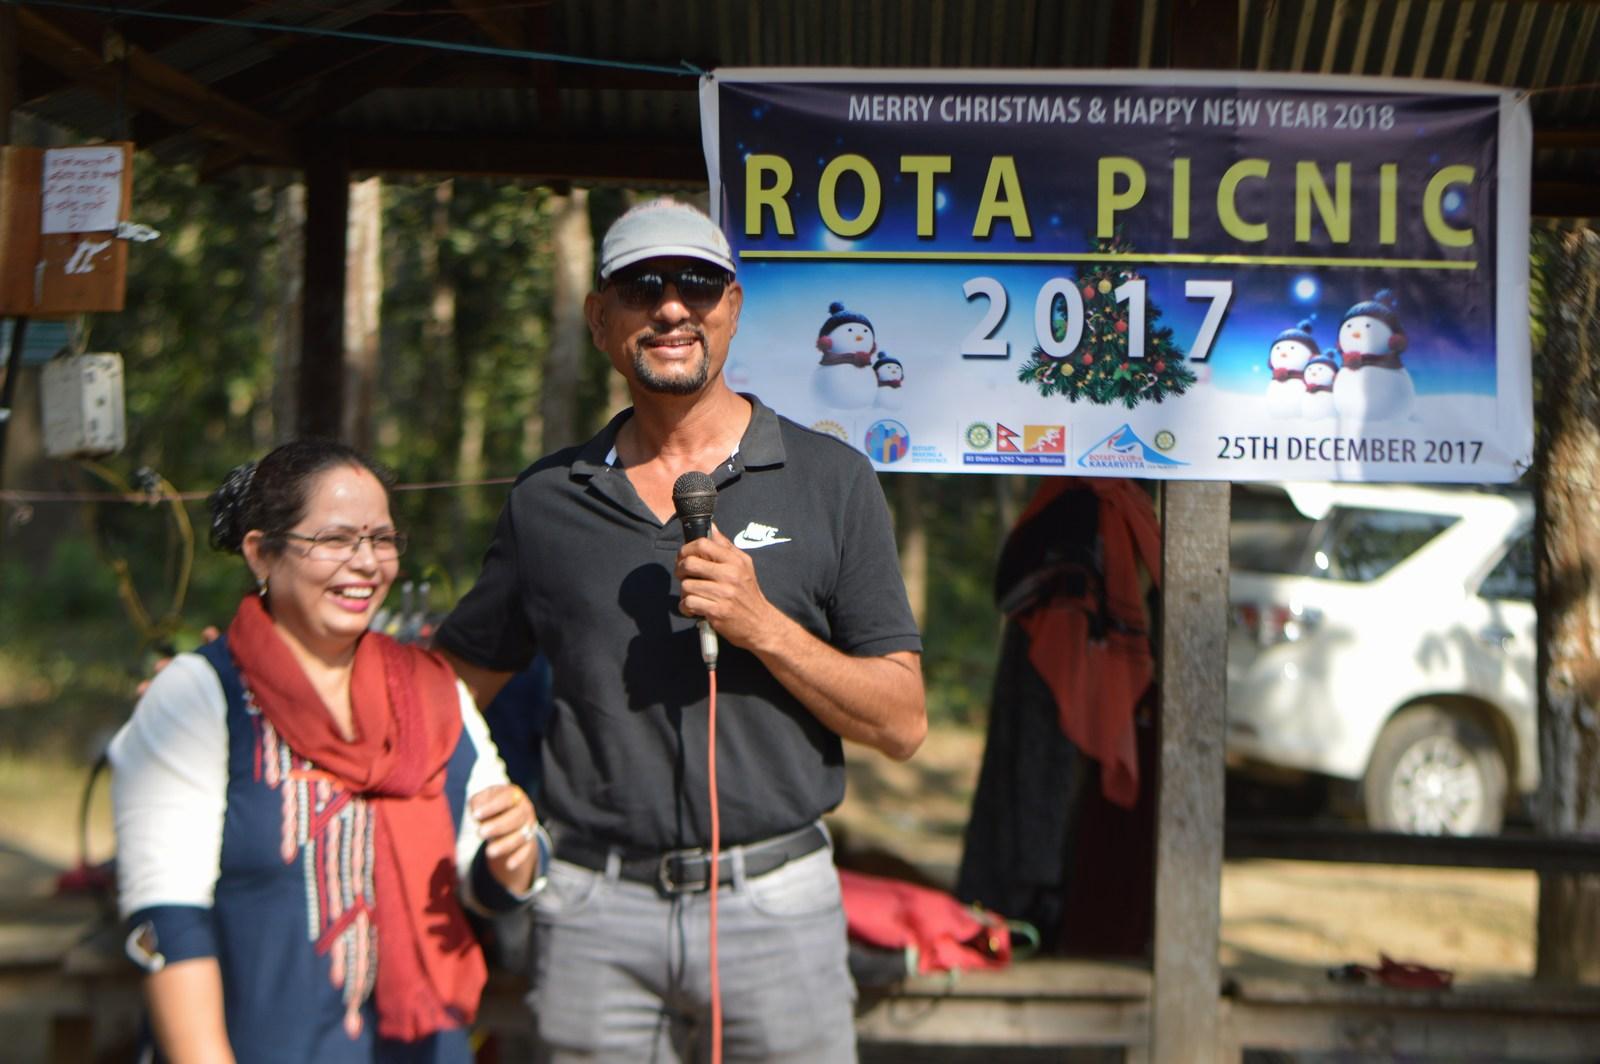 Rota-Picnic-2017-Rotary-Club-of-Kakarvitta-77